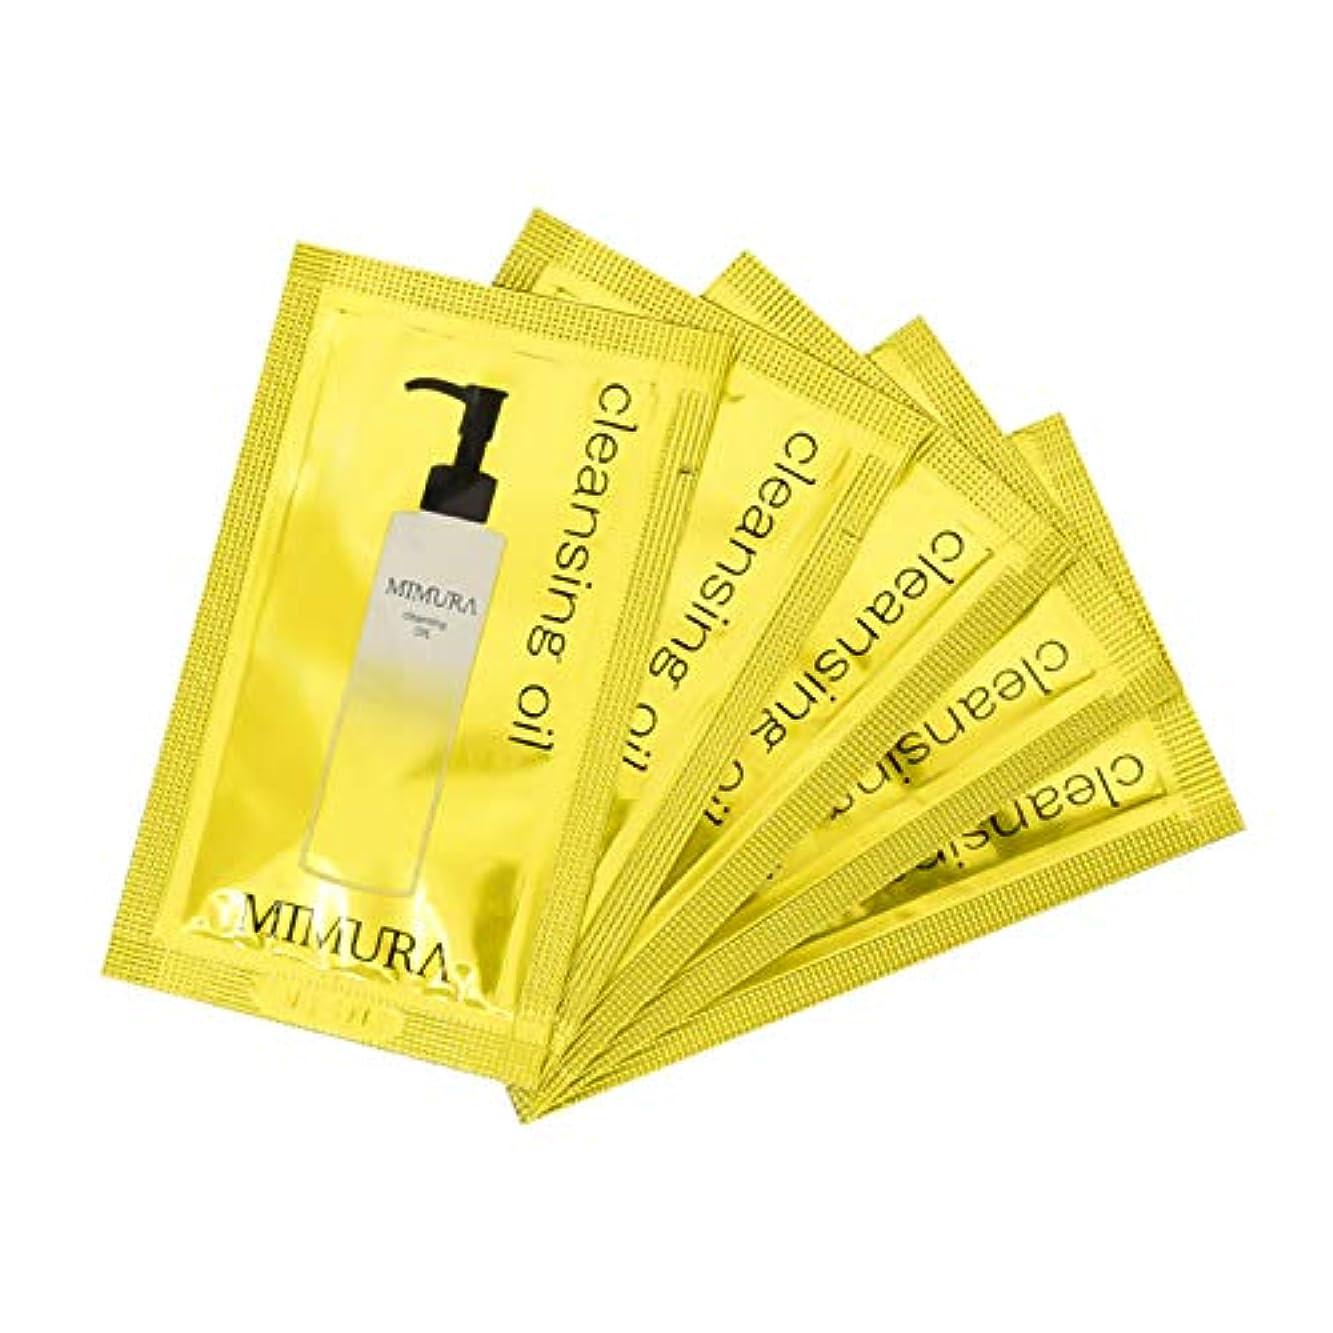 タイトルアジア人俳句メイク落とし W洗顔不要 まつエク対応 ミムラ クレンジング オイル 試供品 5個入り ゆうパケット(ポスト投函)での発送となります。 MIMURA 日本製 ※おひとり様1点までとなります。